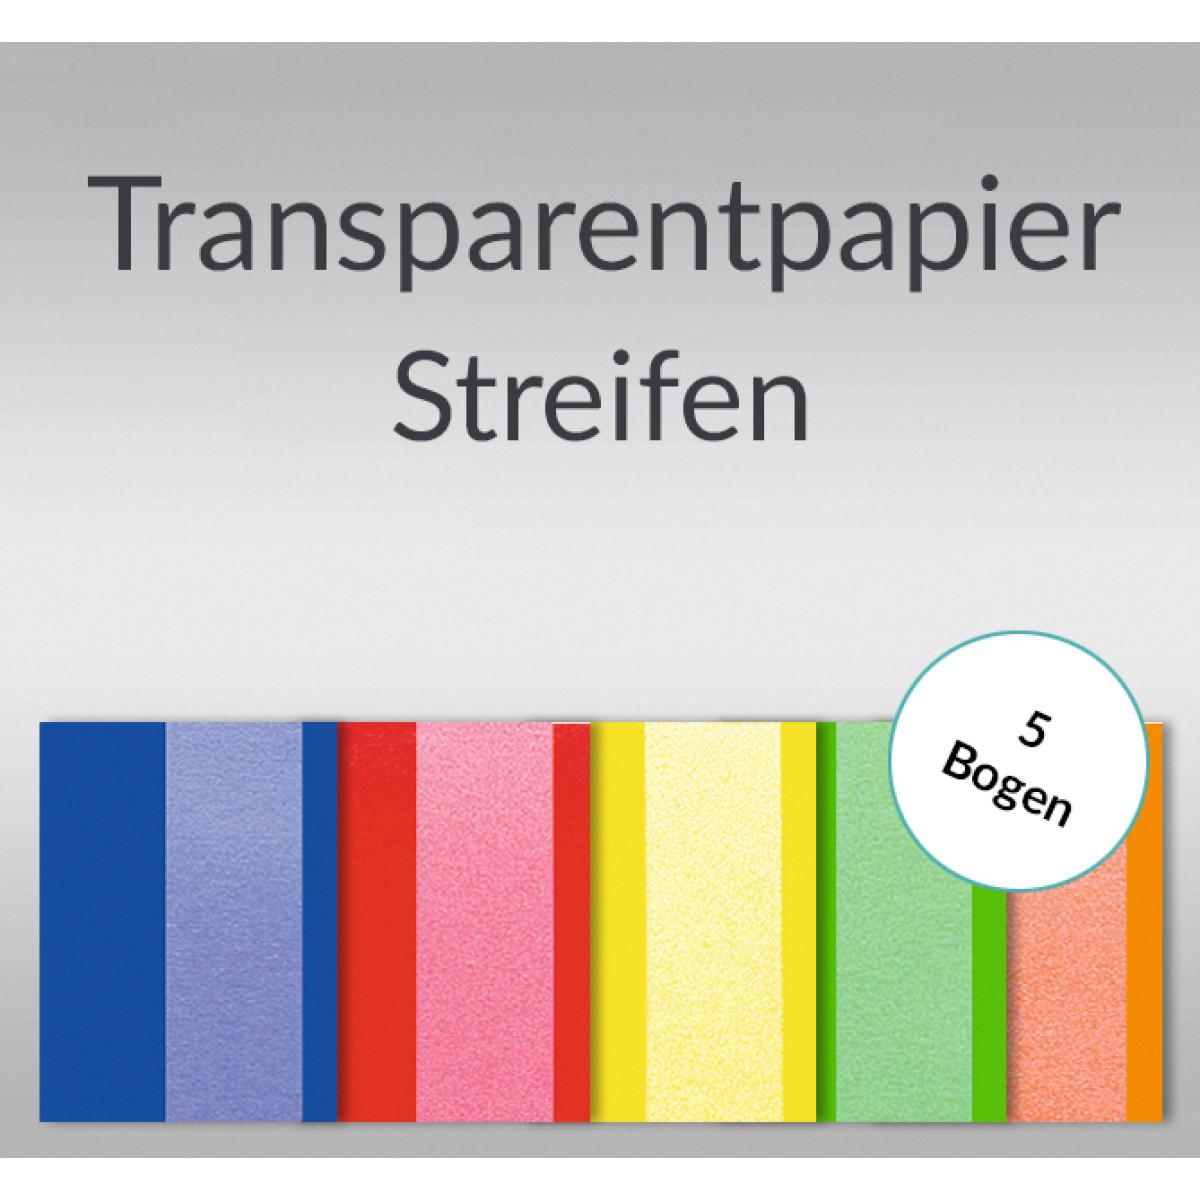 """Transparentpapier """"Streifen"""" DIN A4 - 5 Blatt"""